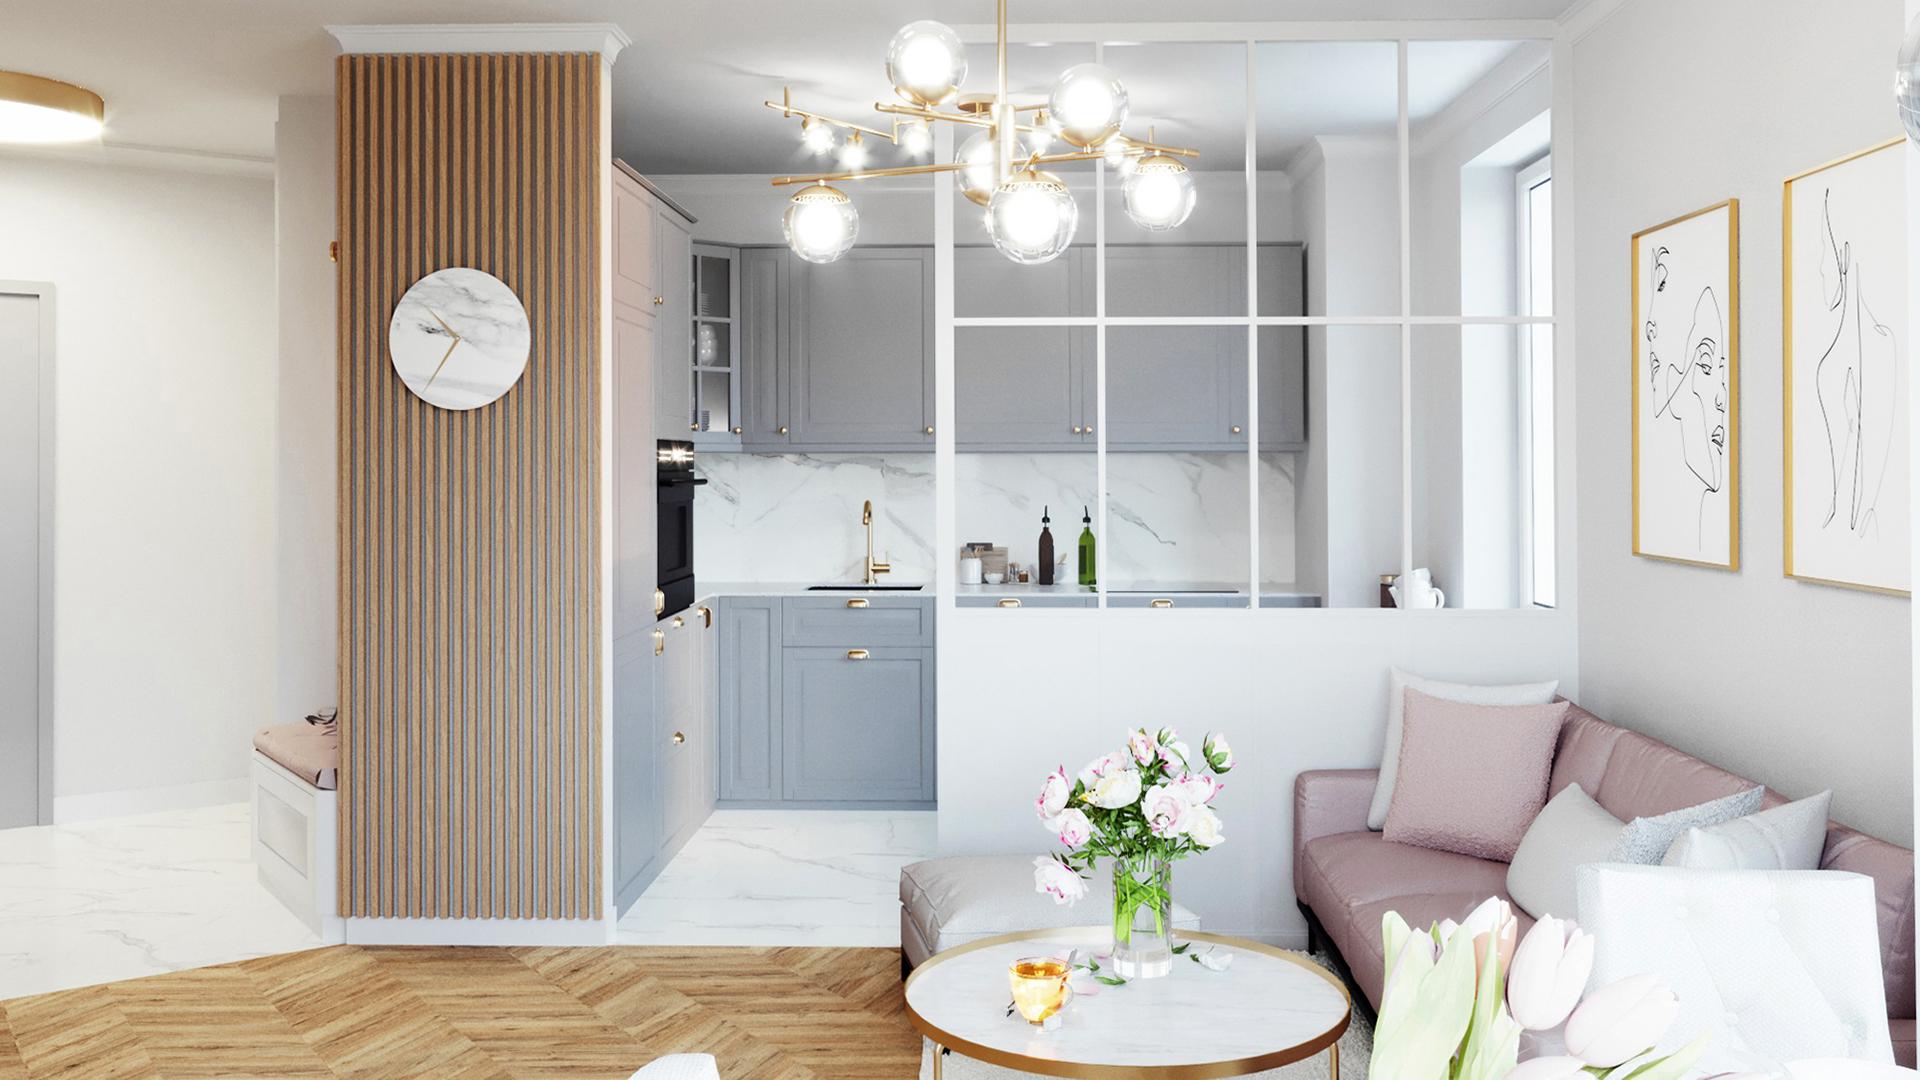 Projekt wnętrz mieszkania w budynku wielorodzinnym w Warszawie w stylu glamour. M2 Architektura Katowice - Pracownia Projektowa Katowice